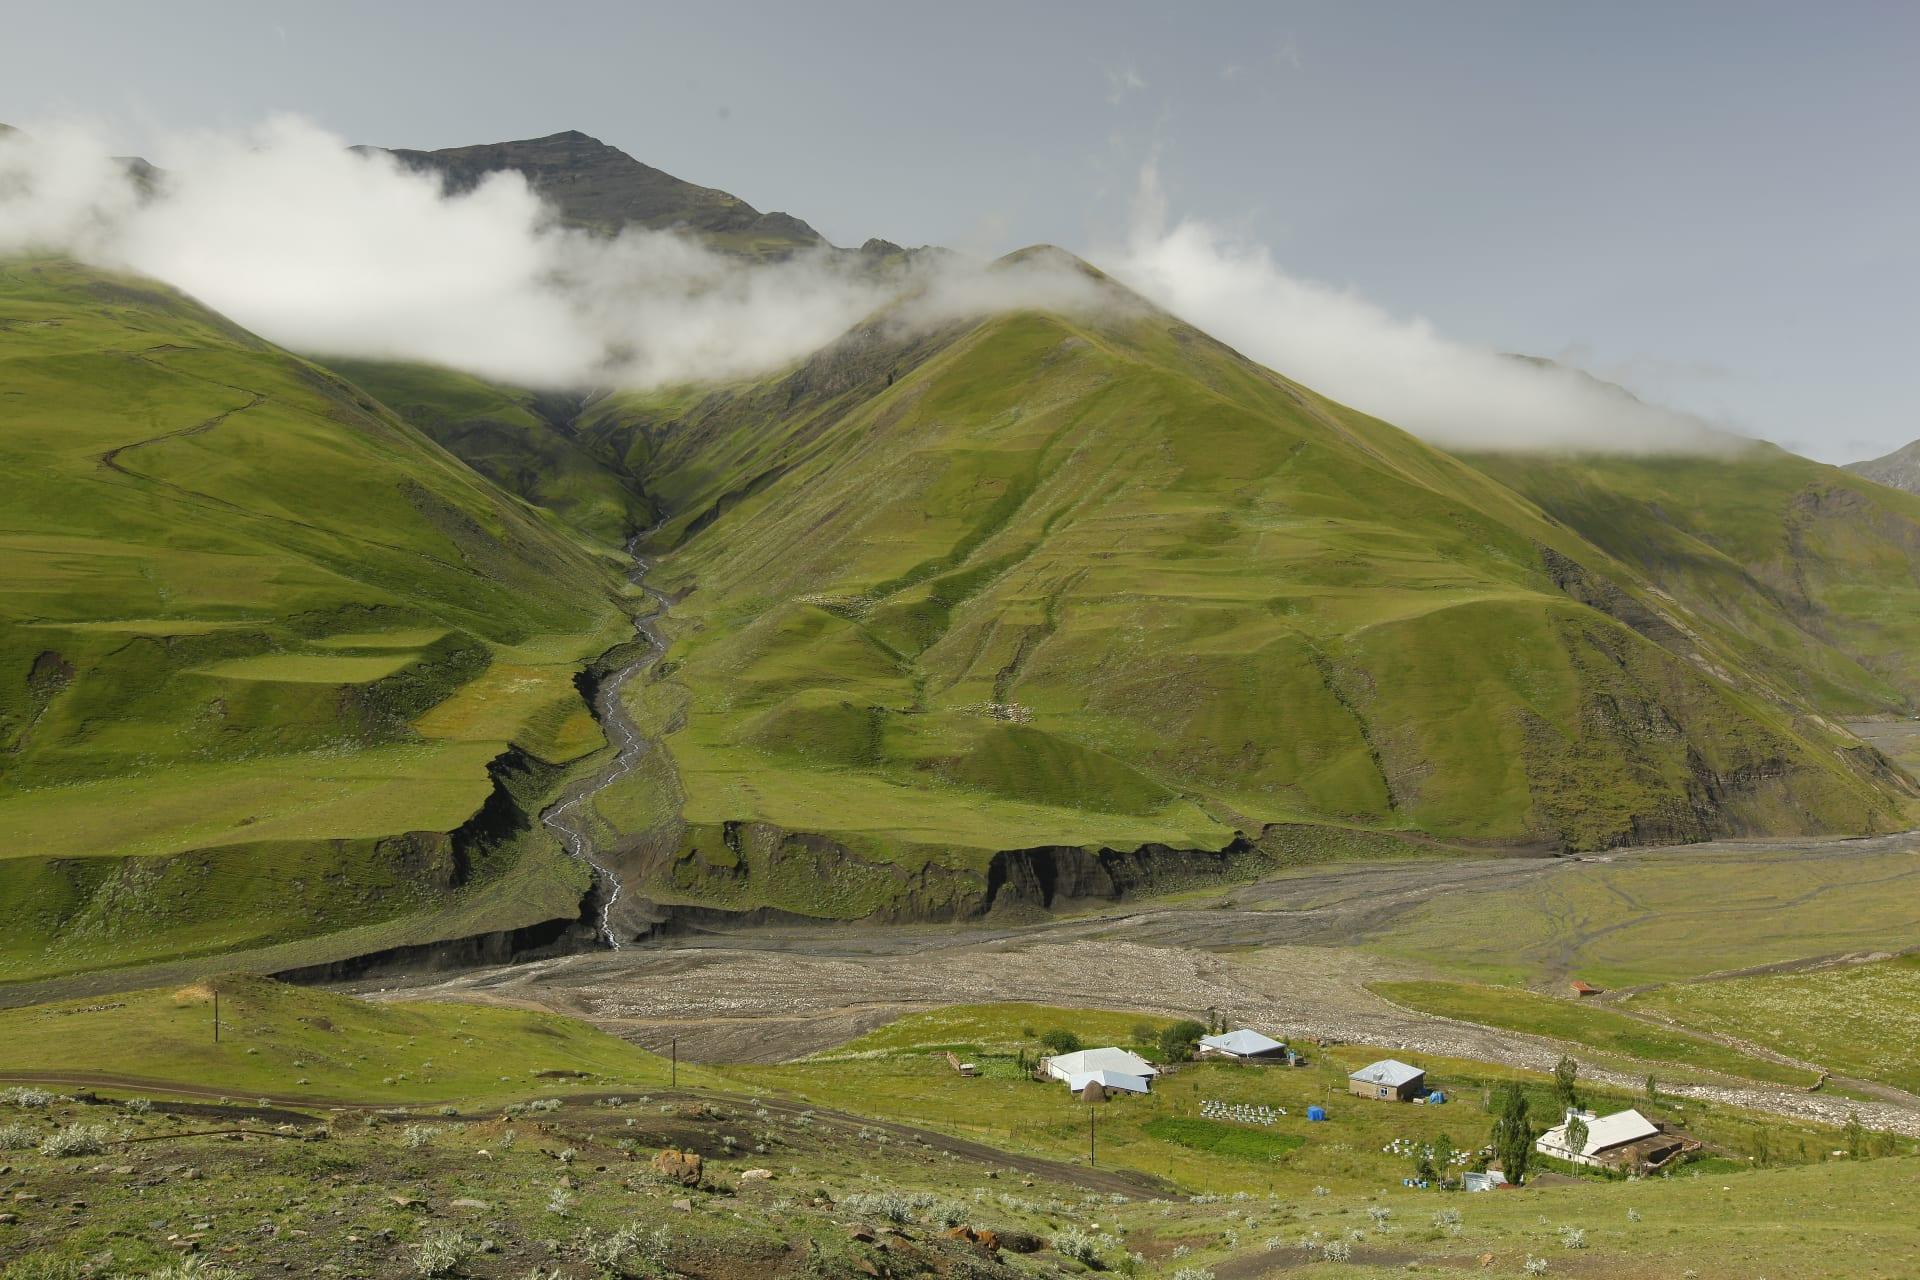 ما هي أبرز الأساطير في أذربيجان؟